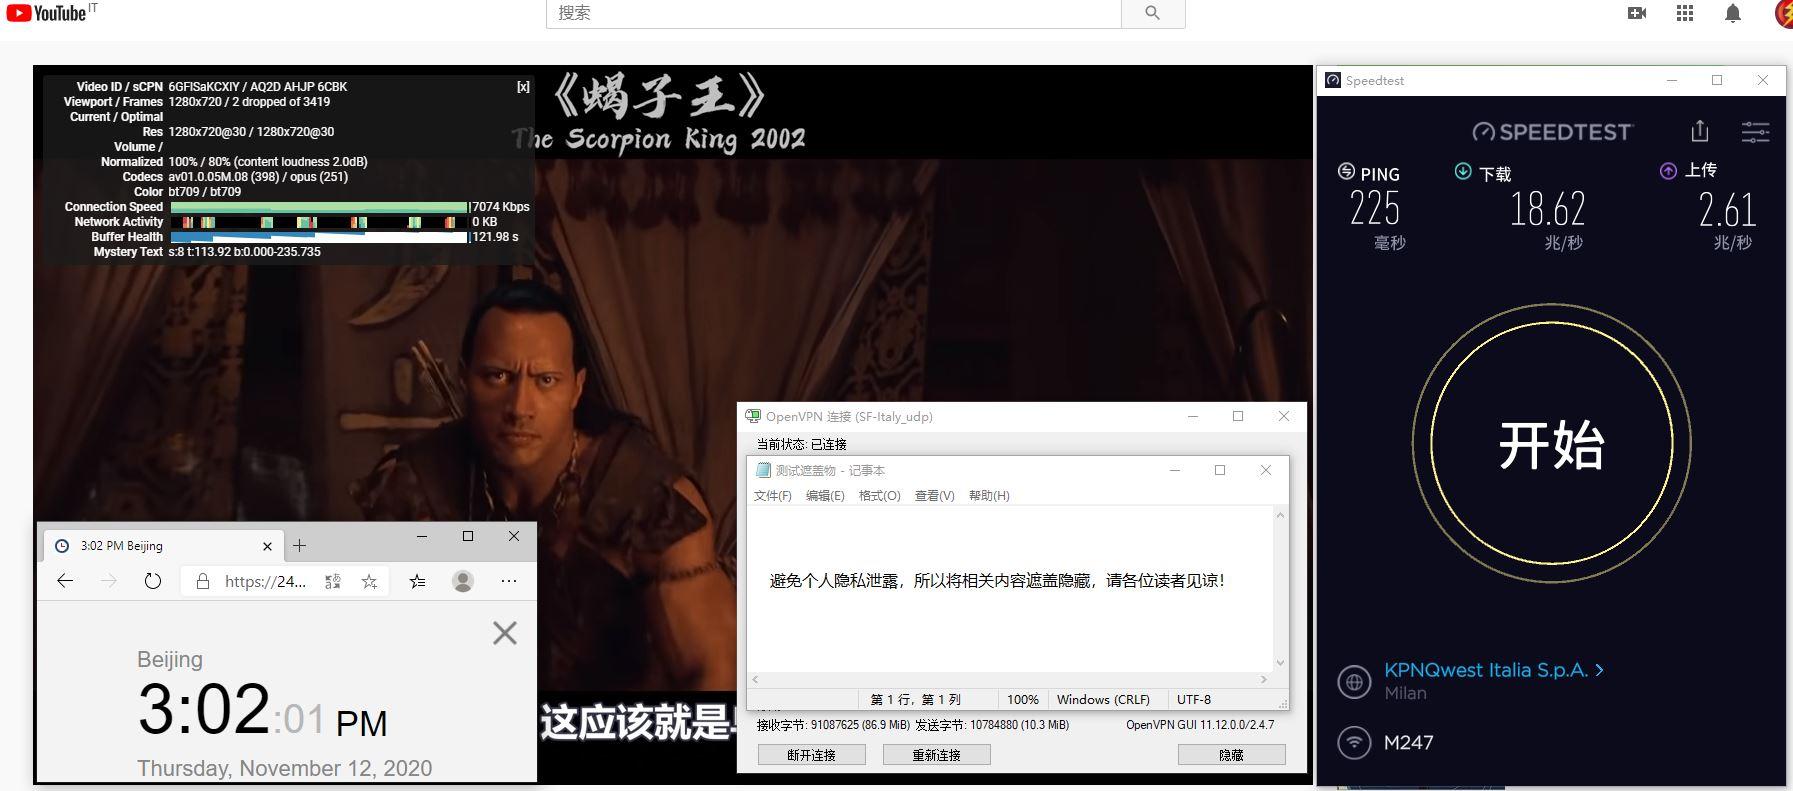 Windows10 SurfsharkVPN OpenVPN Gui Italy 服务器 中国VPN 翻墙 科学上网 测试 - 20201112